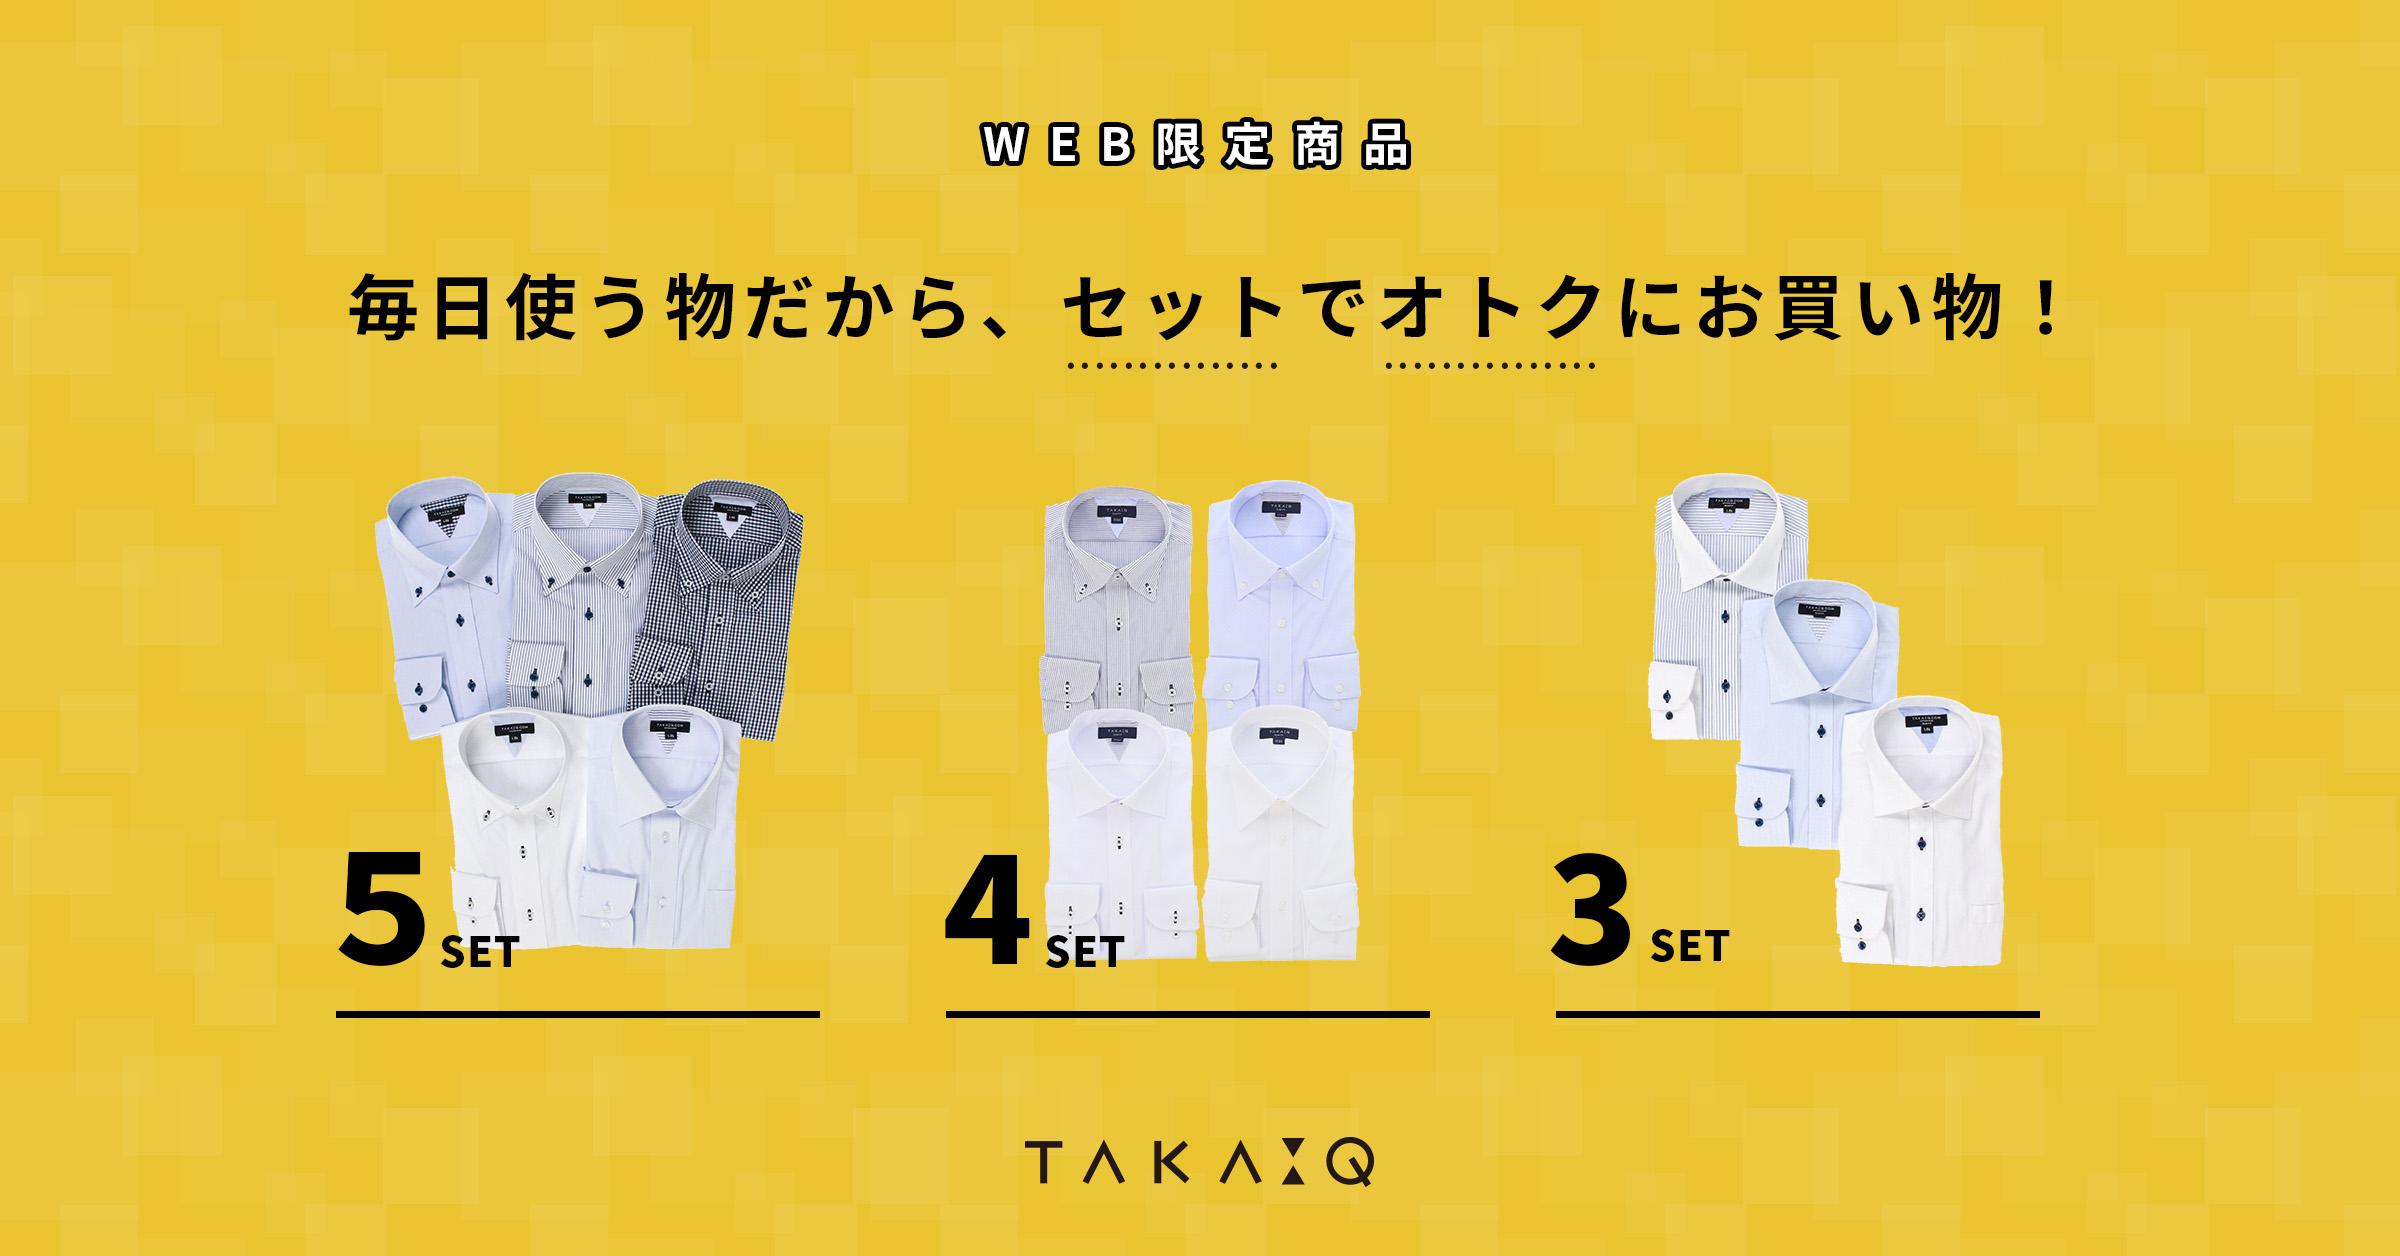 WEB限定セットシャツ・ネクタイ